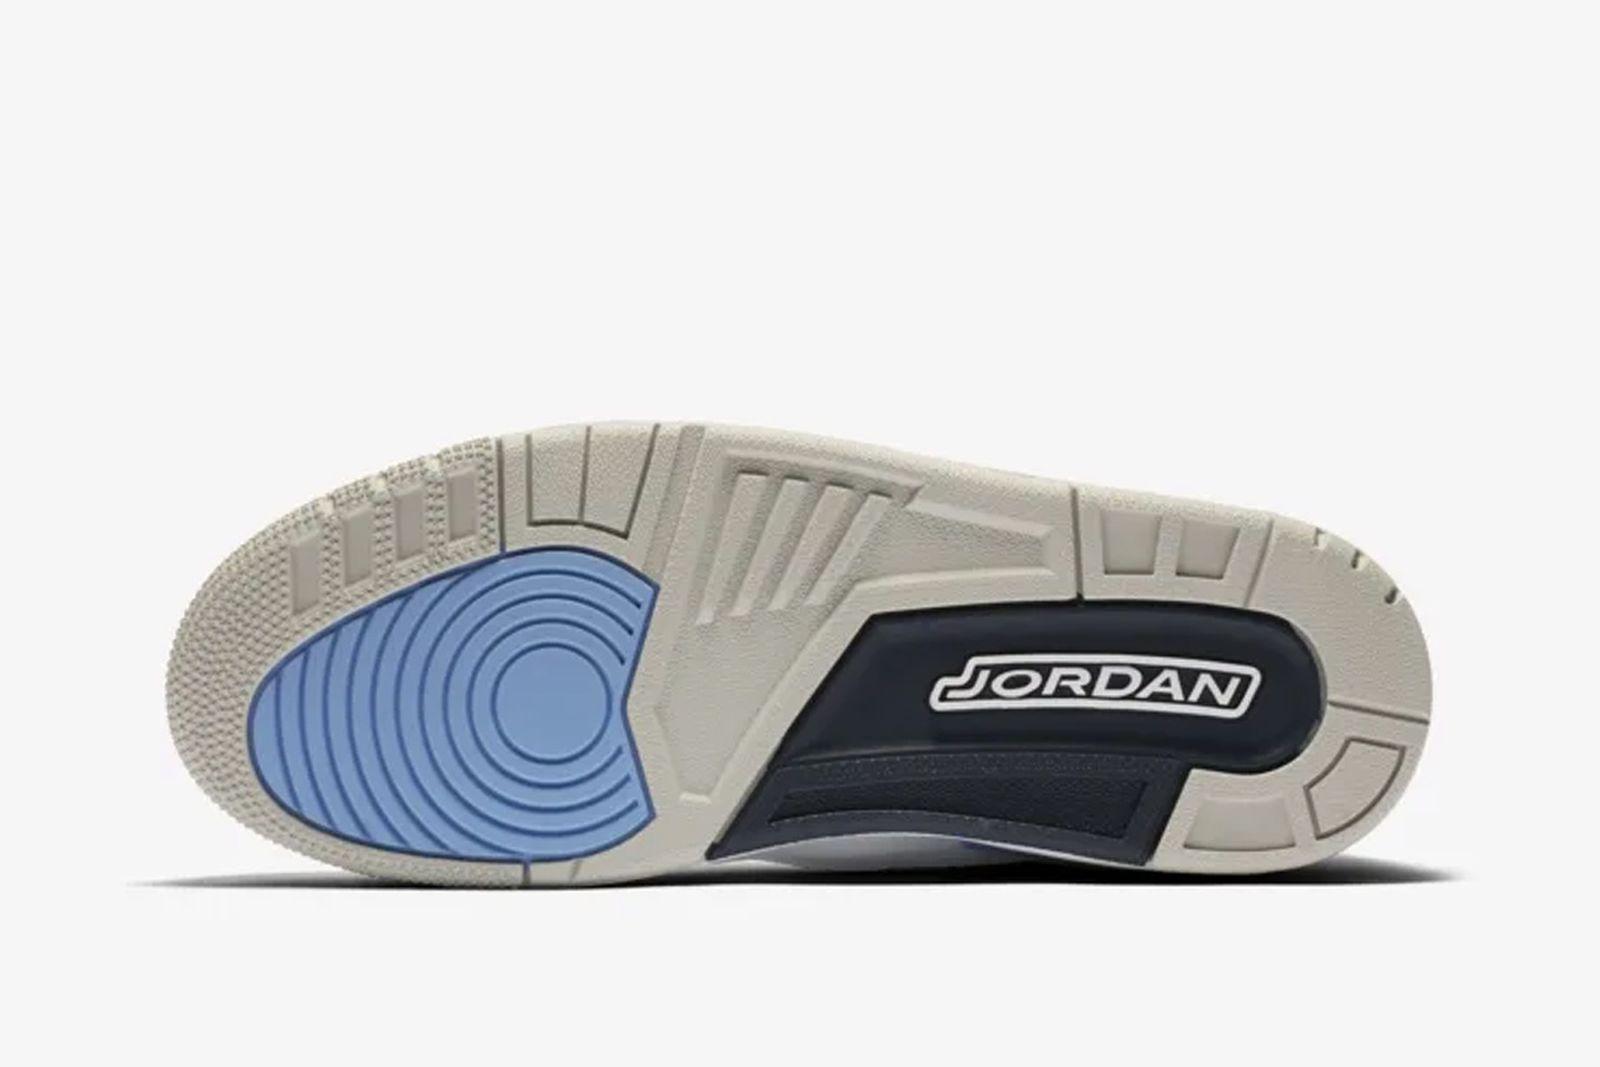 nike-air-jordan-3-unc-release-date-price-04